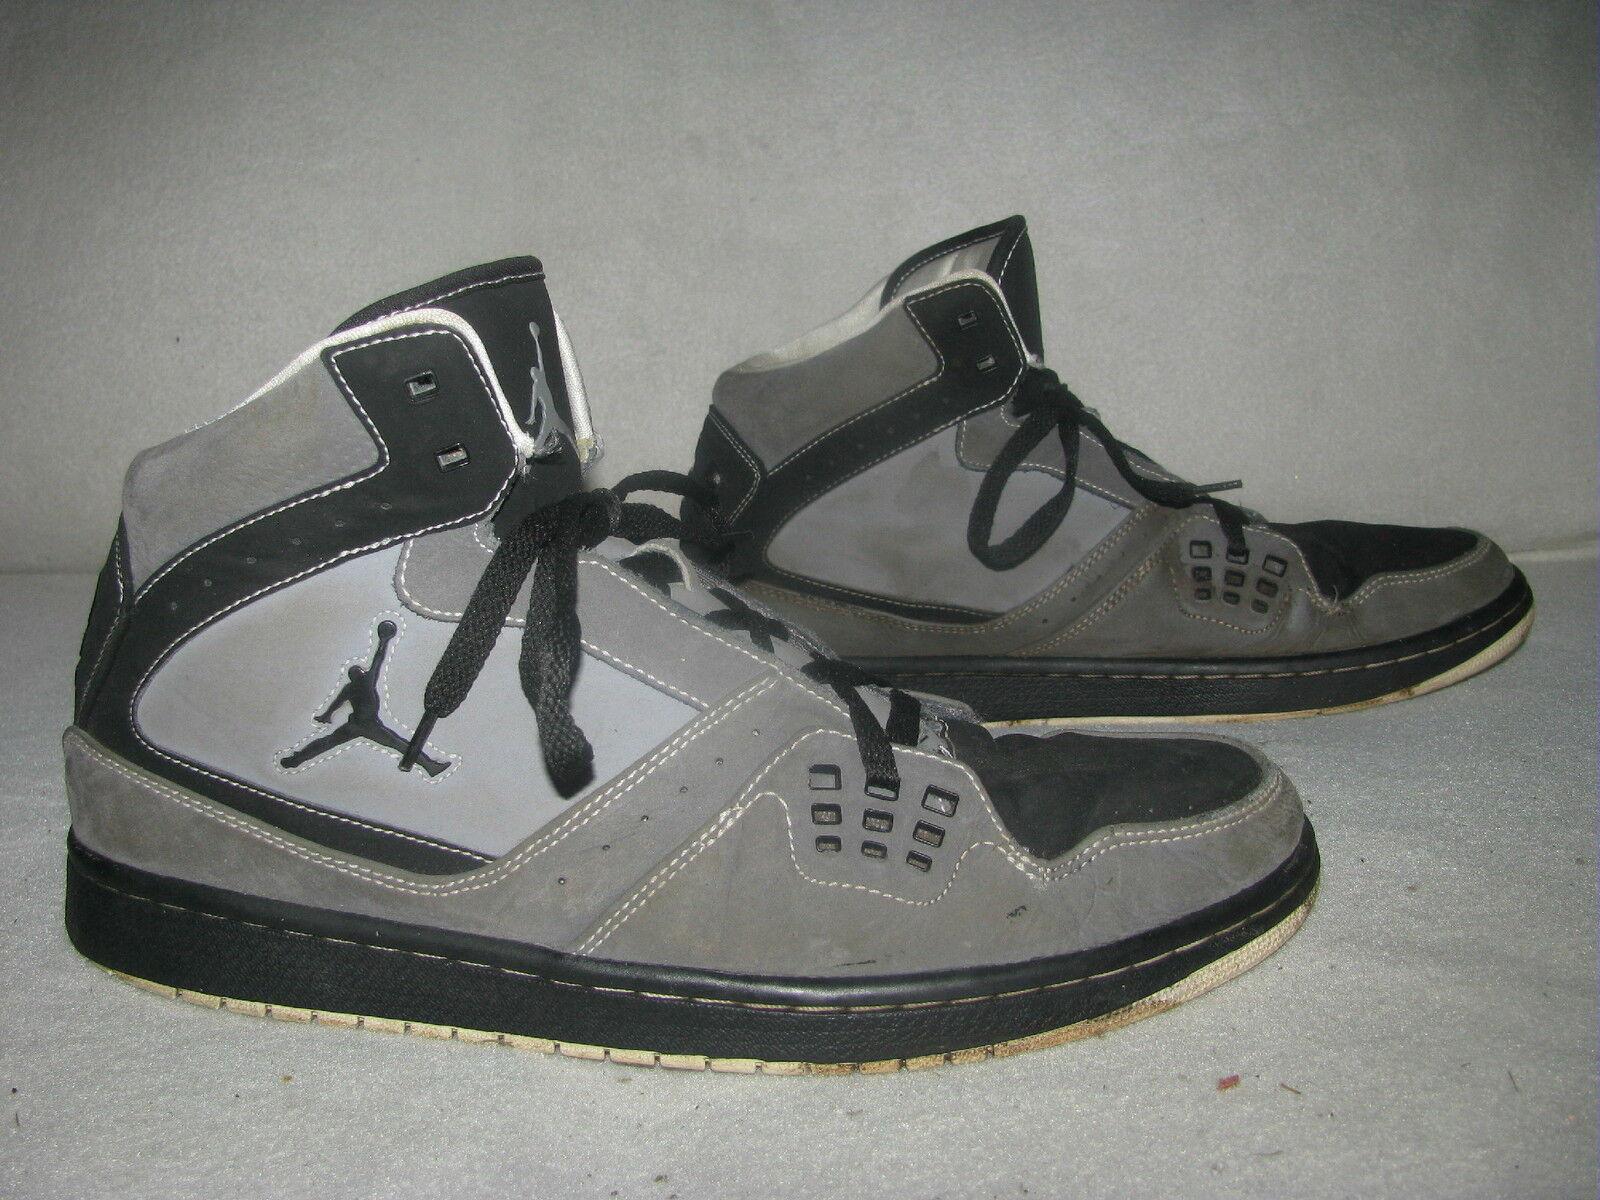 Nike 372704-002 Air Jordan FLight 1 372704-002 Nike homme Sz 12 Basketball chaussures Baskets 1f8d52